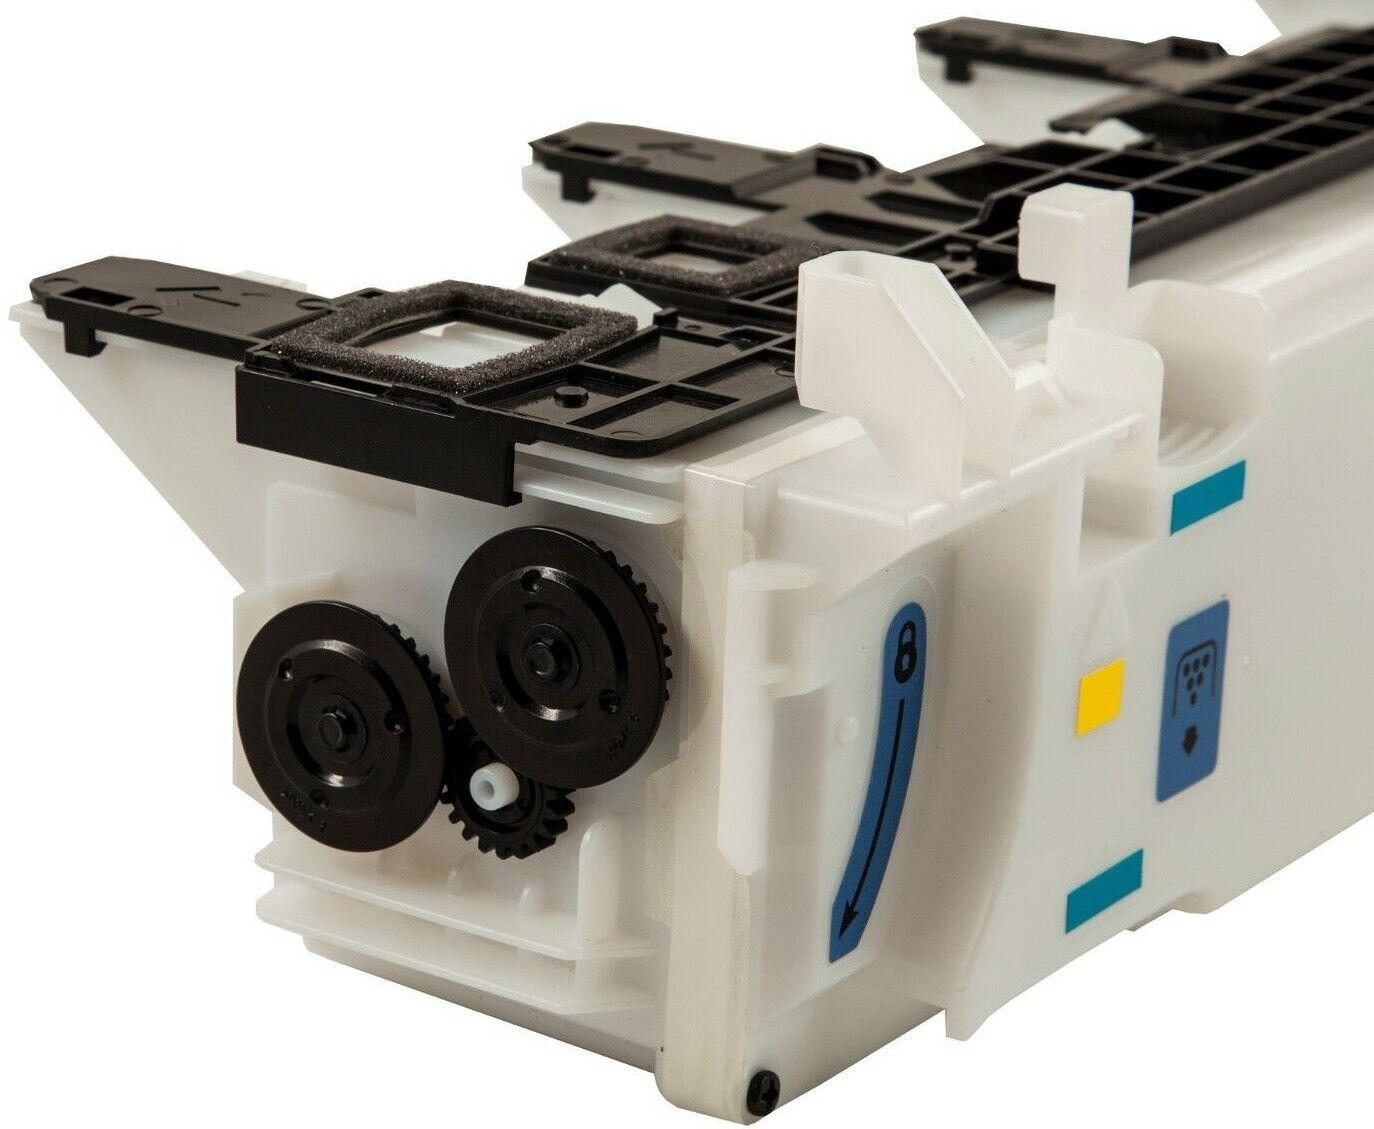 Waste Toner Box Original Canon FM3-5945-010 Canon IR Advance C 5030